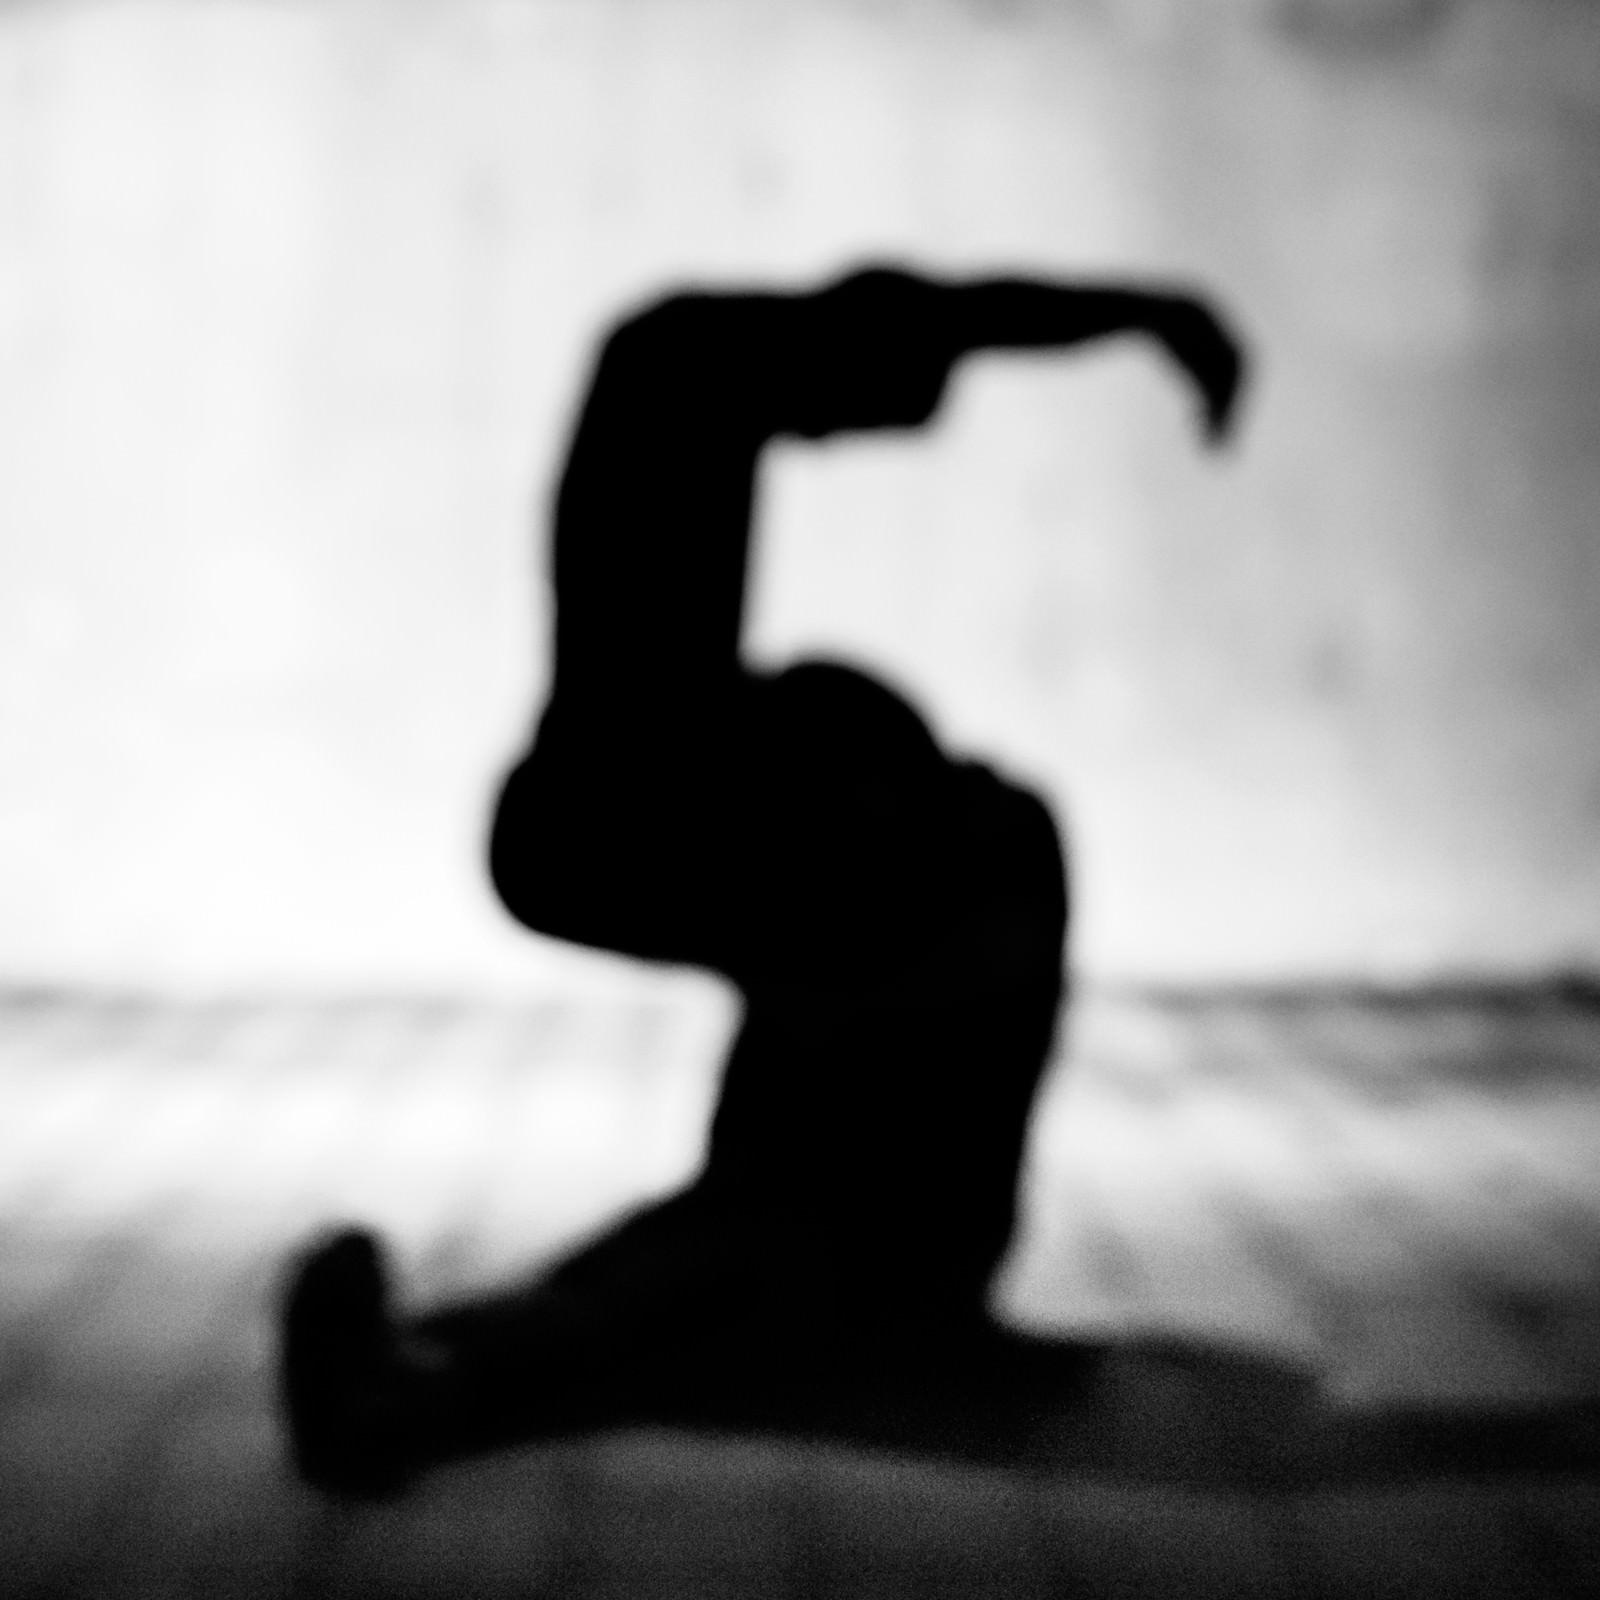 「「5」の数字(人文字)」の写真